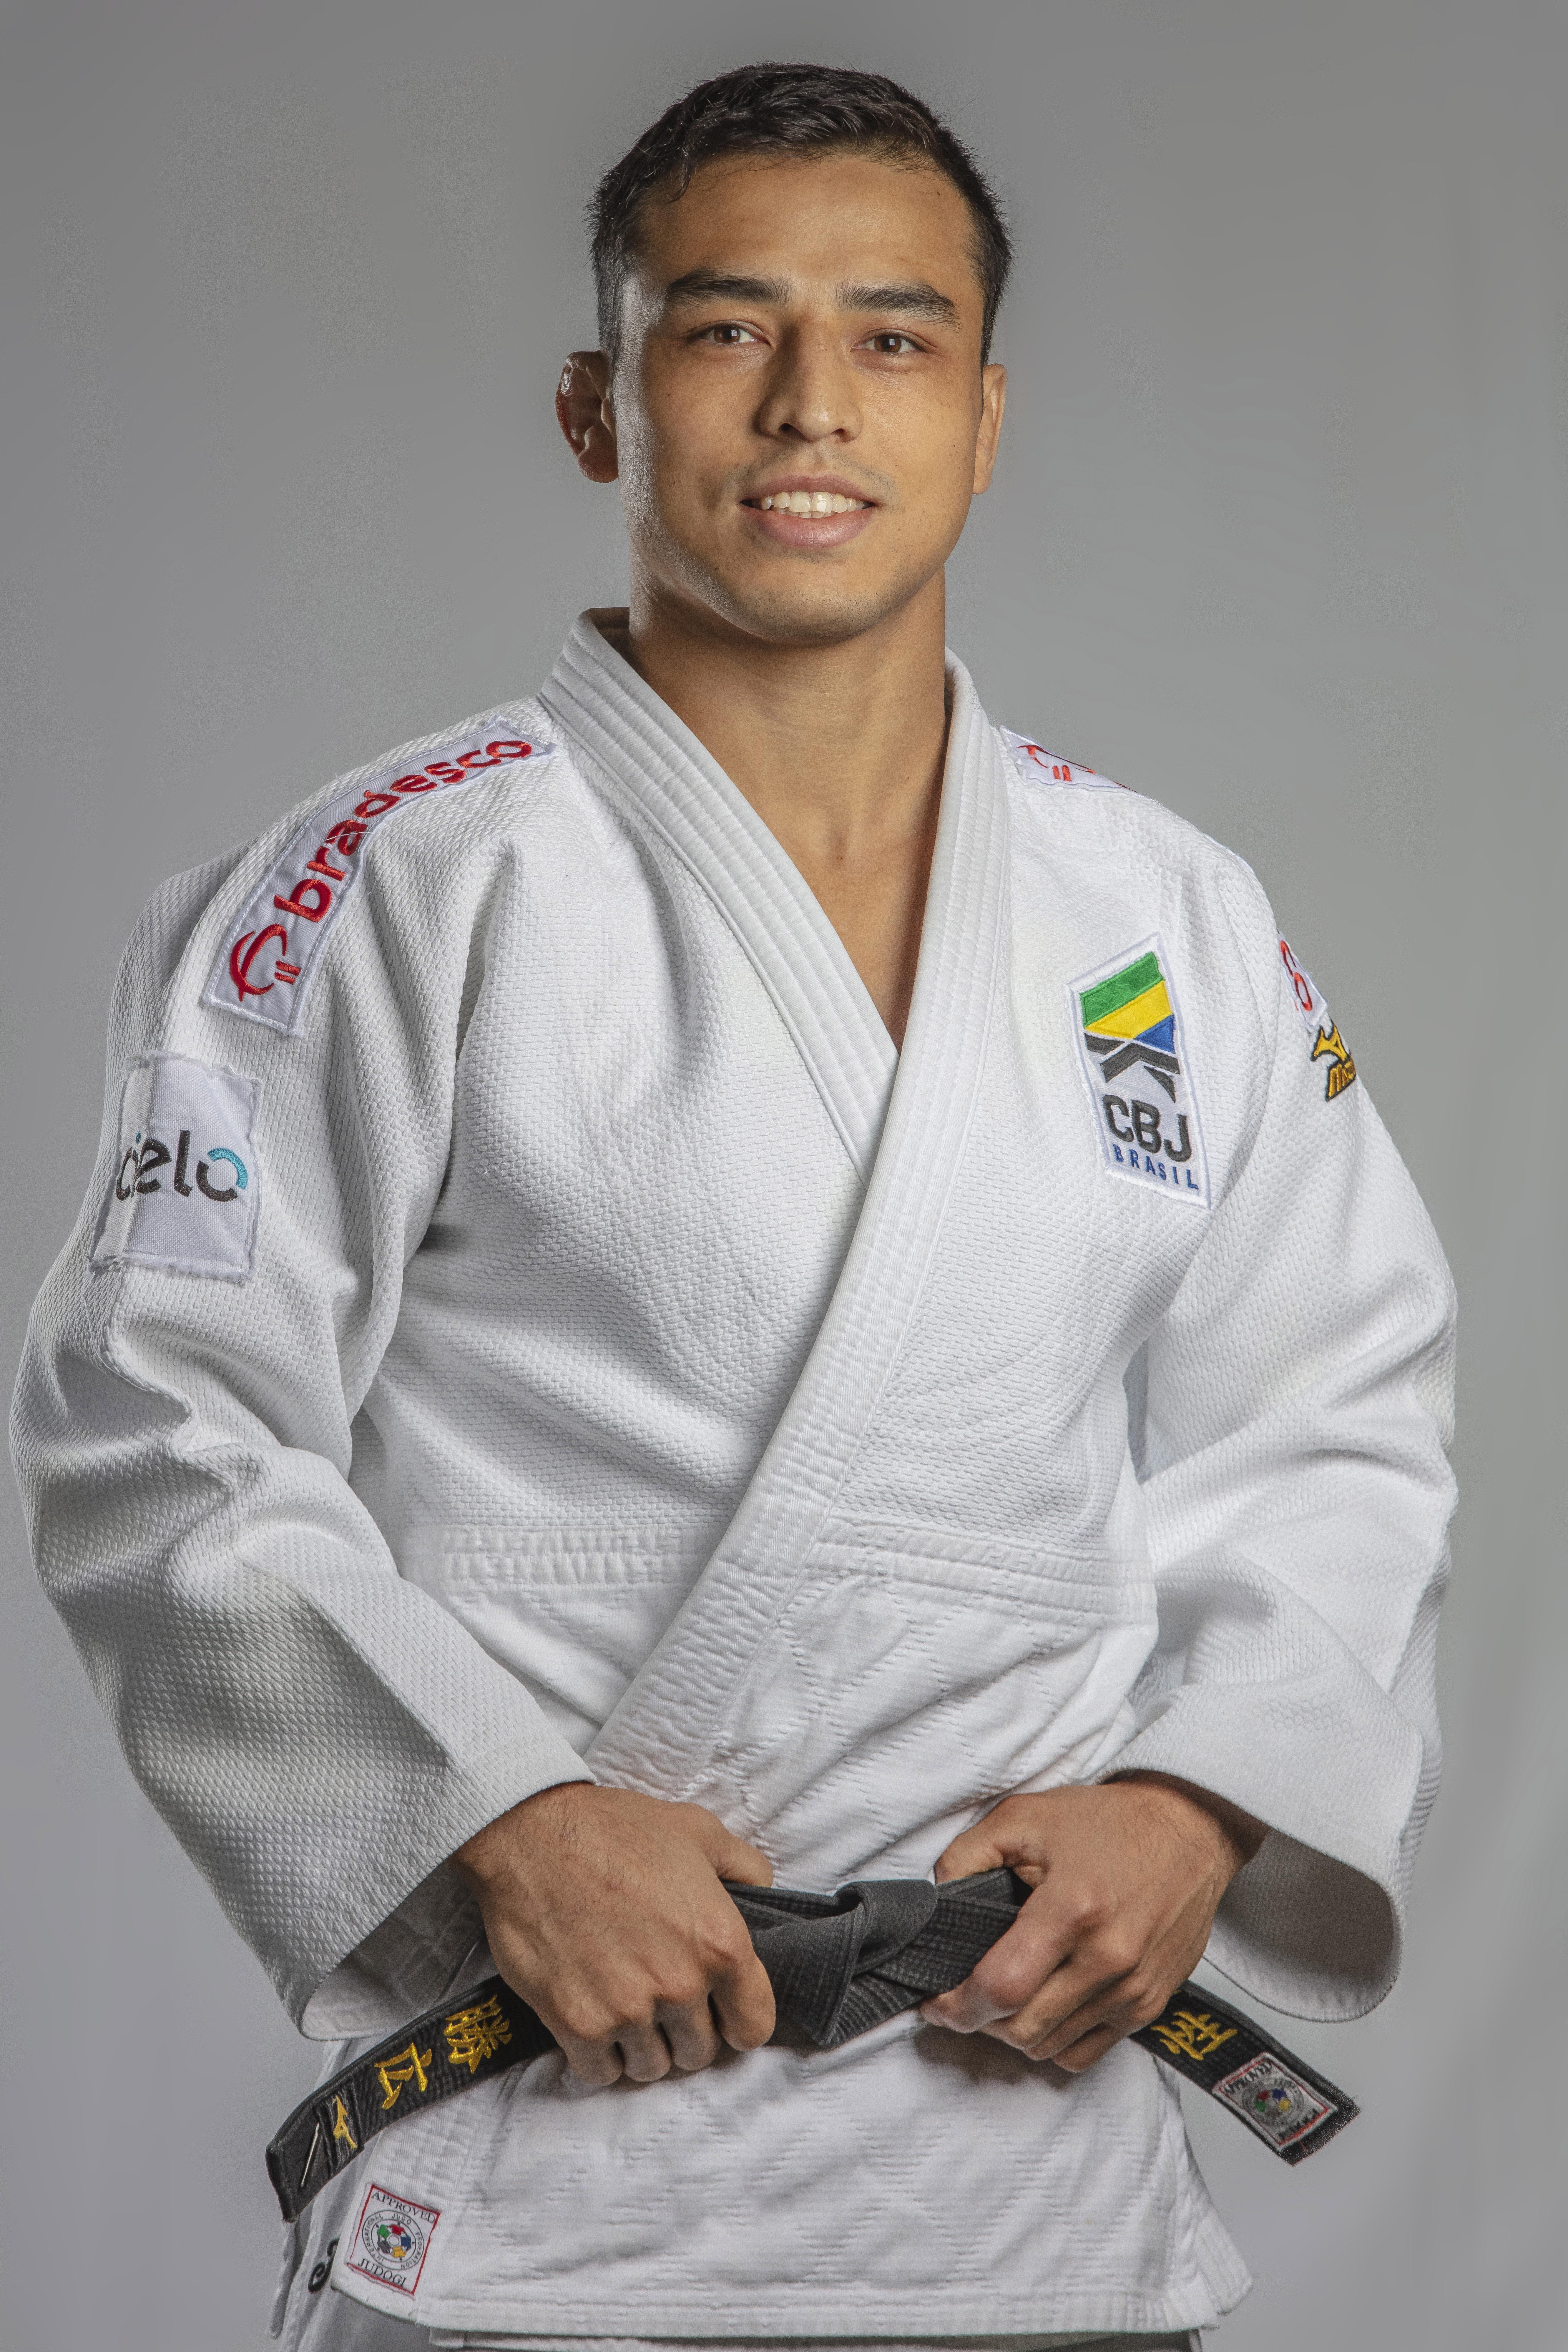 Eduardo Katsuhiro Barbosa